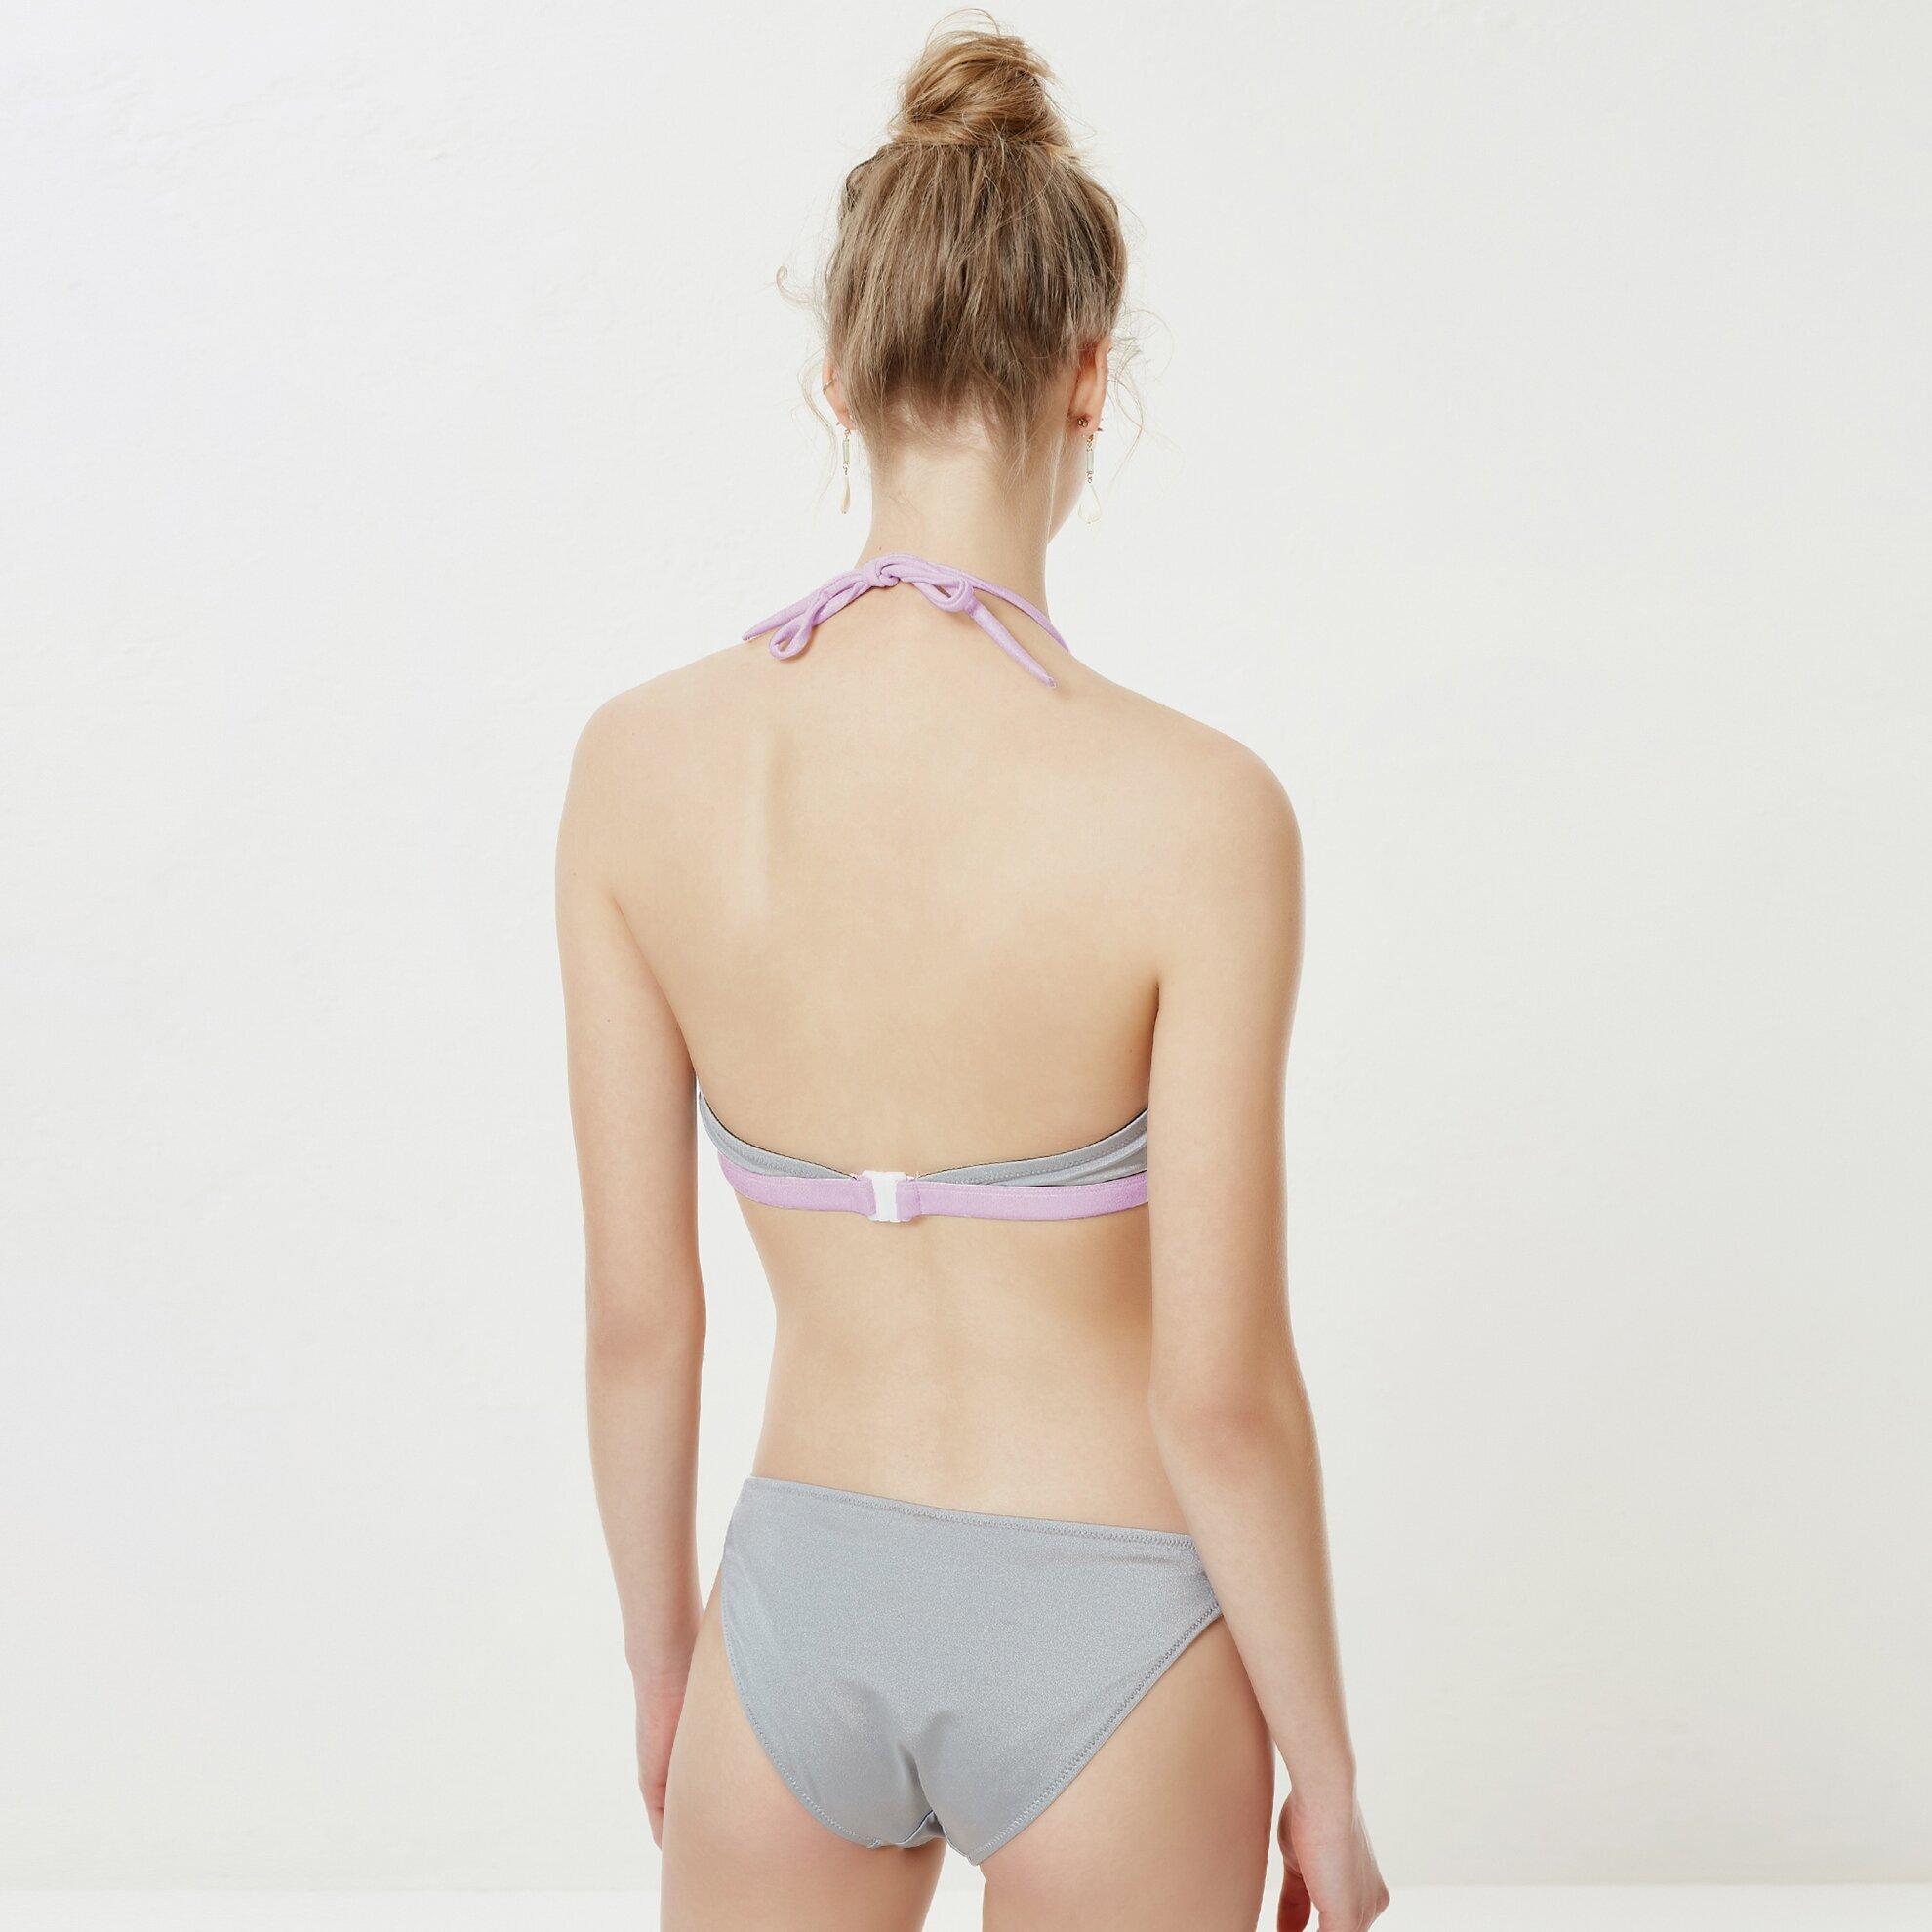 Bant Detaylı Bikini Üstü